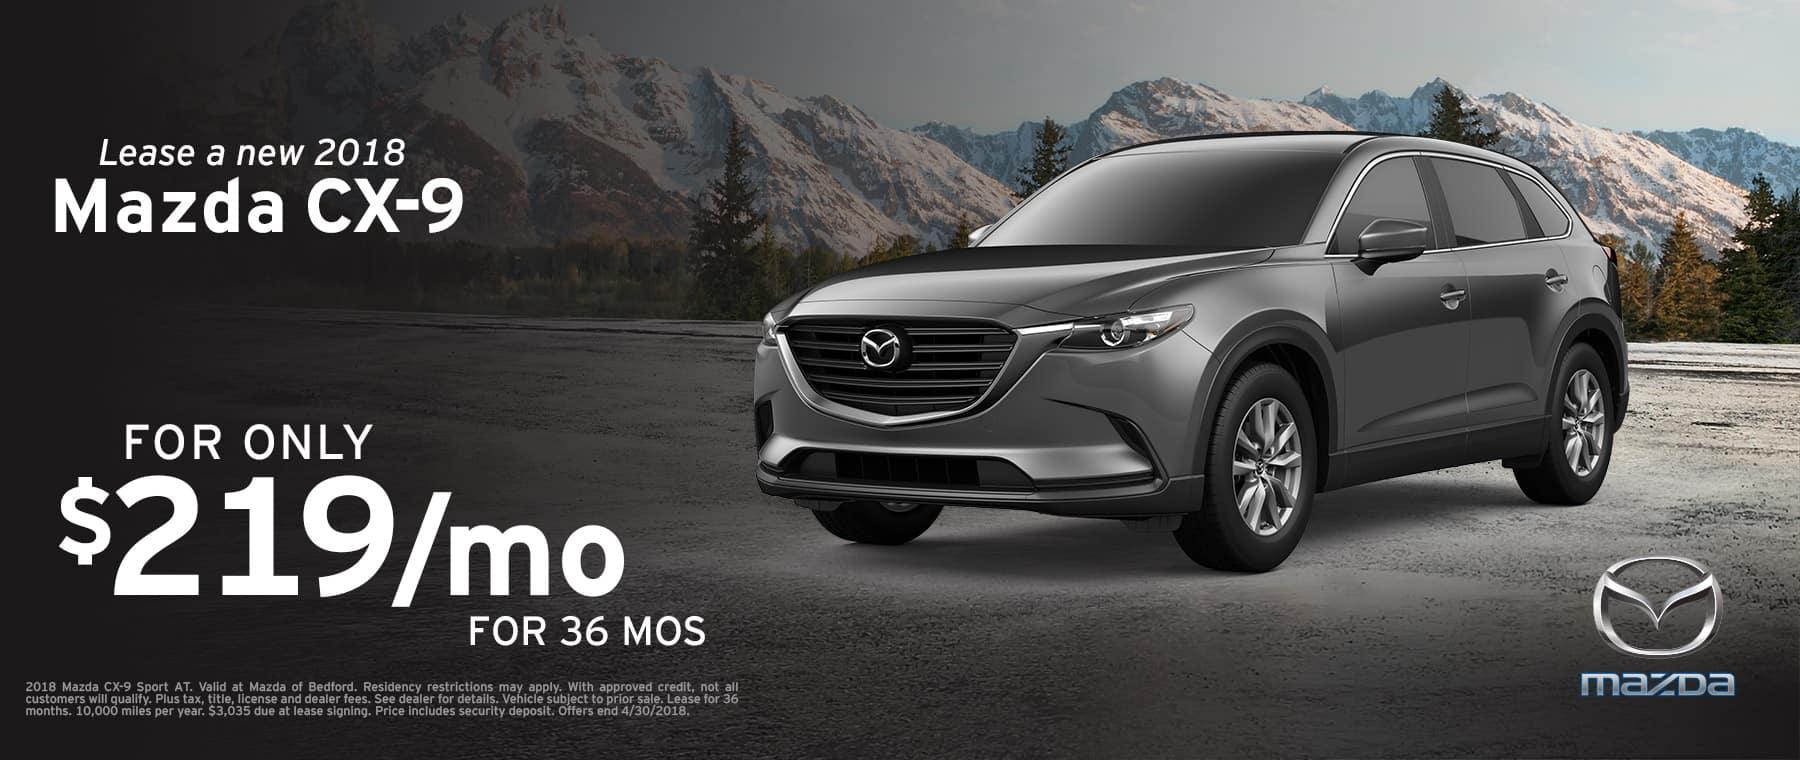 2018 Mazda CX-9 April